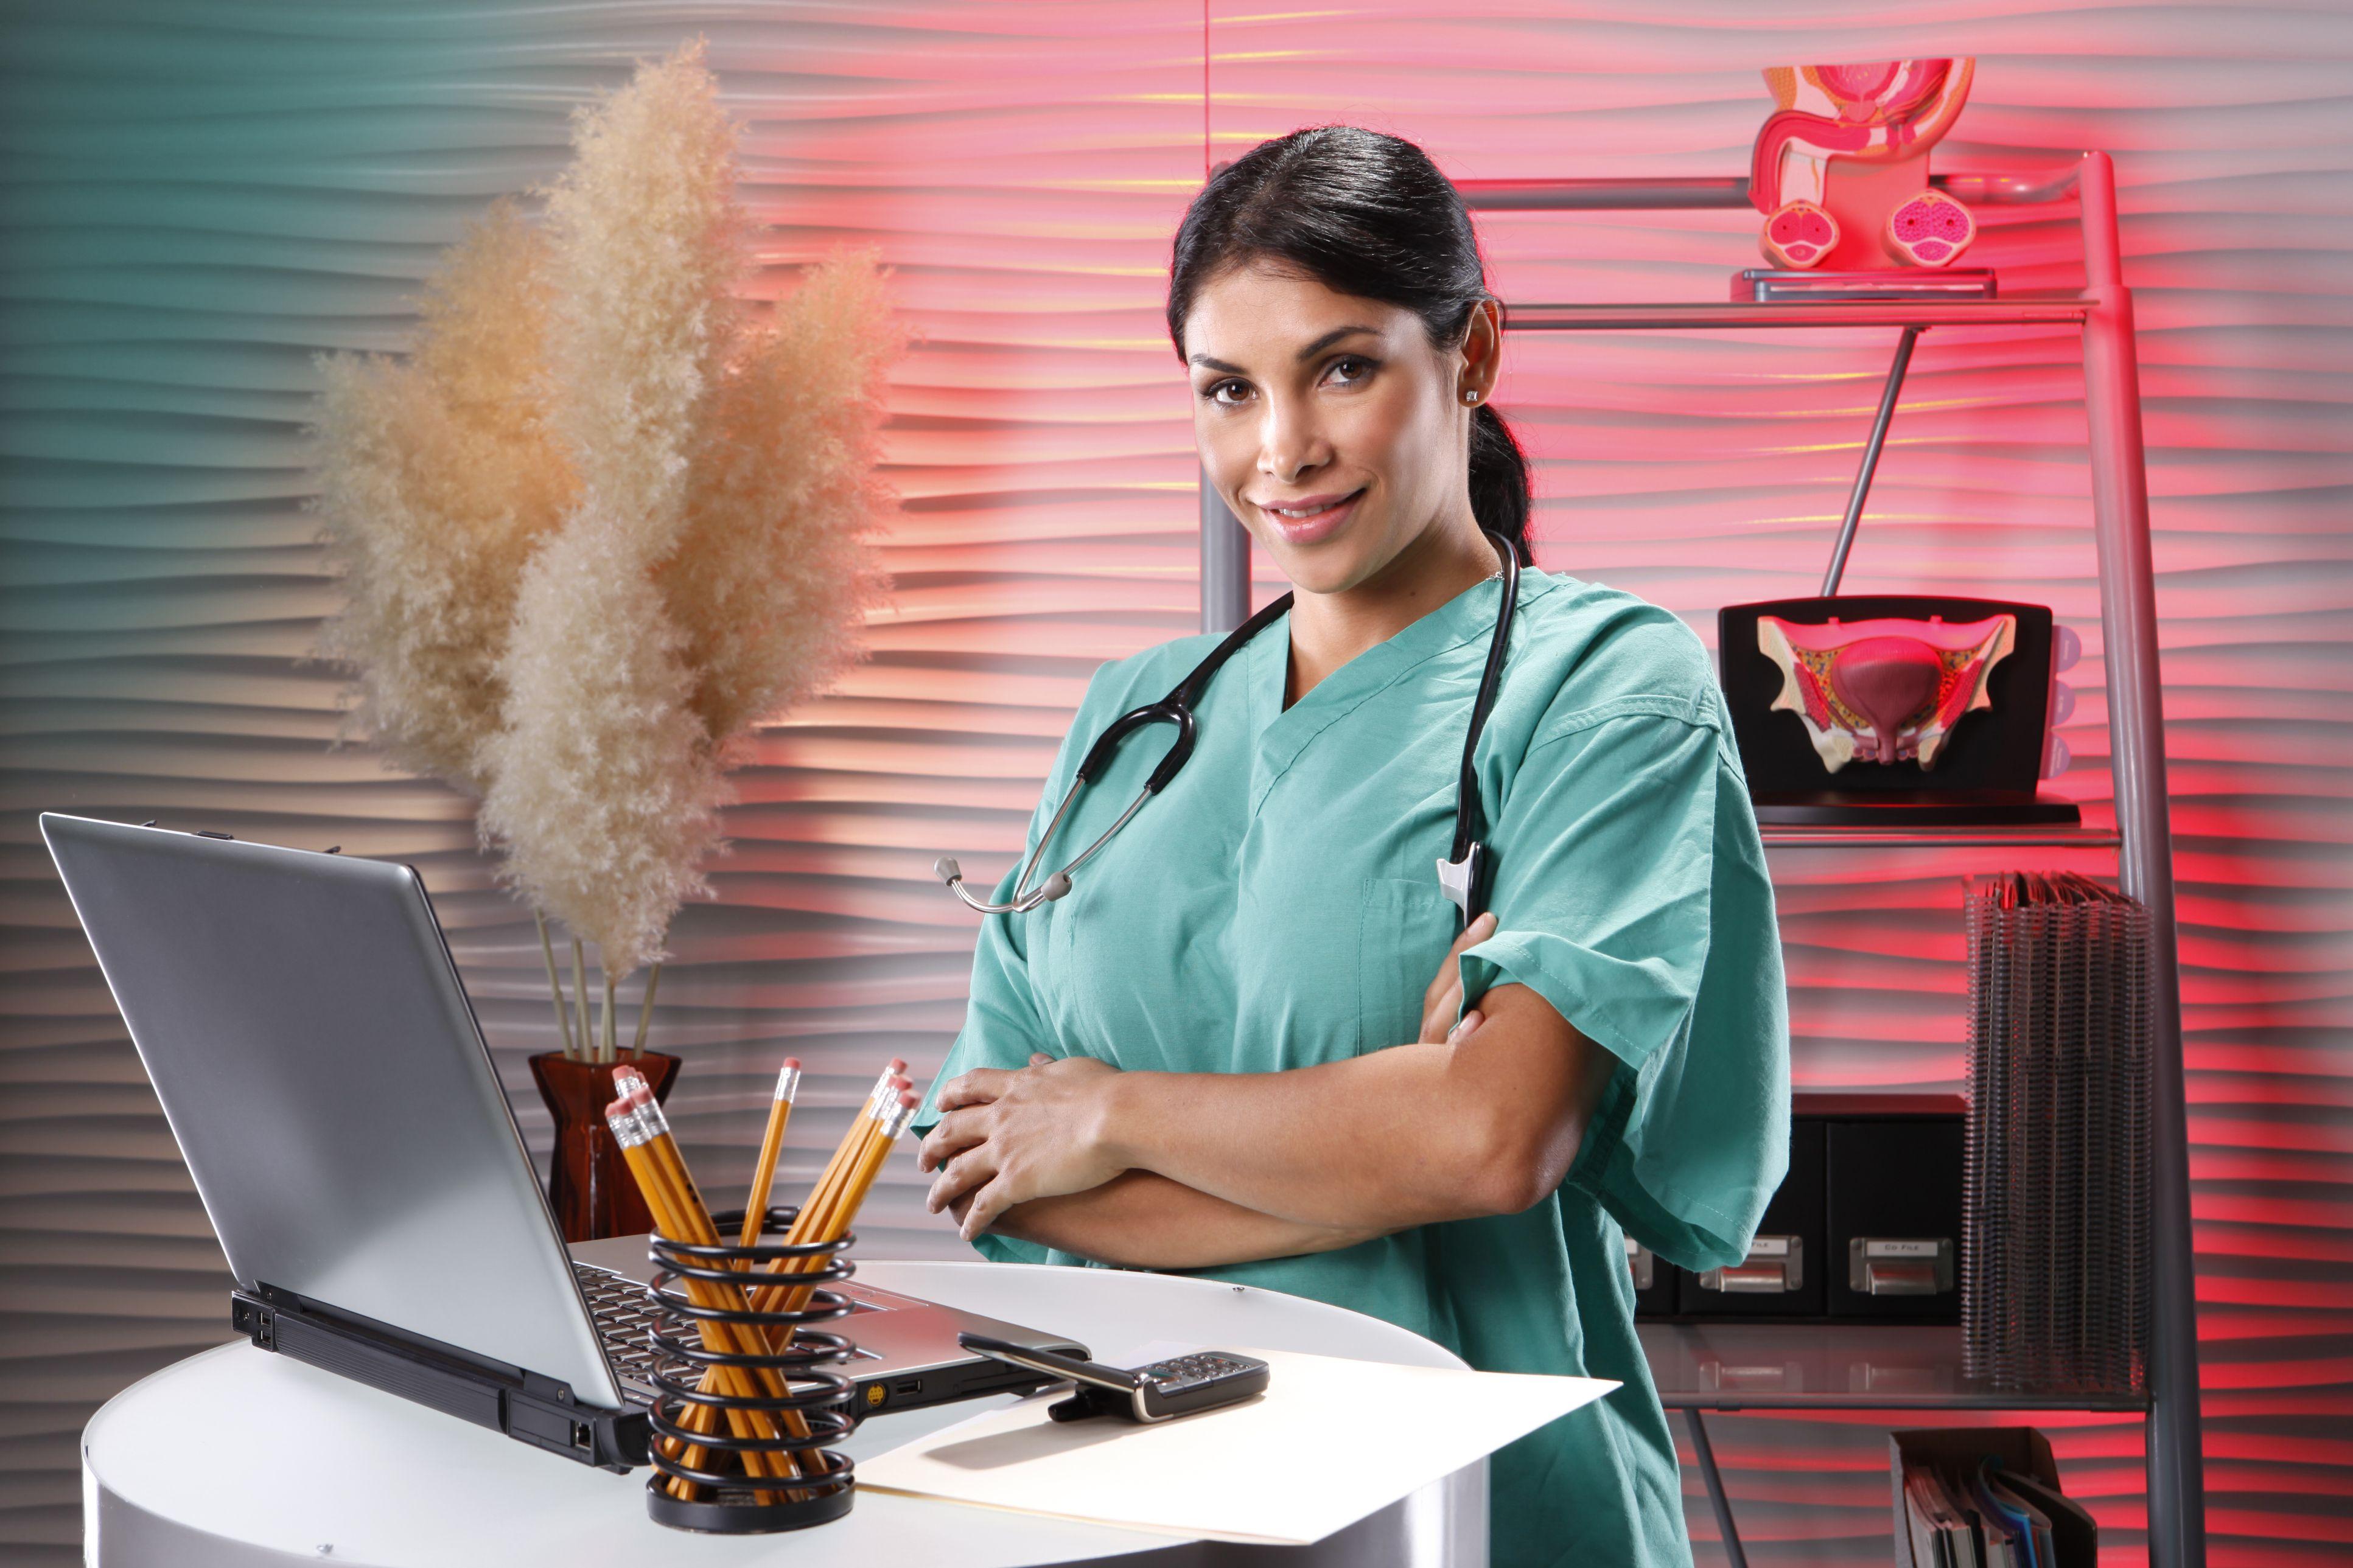 Presso lo studio si eseguono visite urologiche e andrologiche.